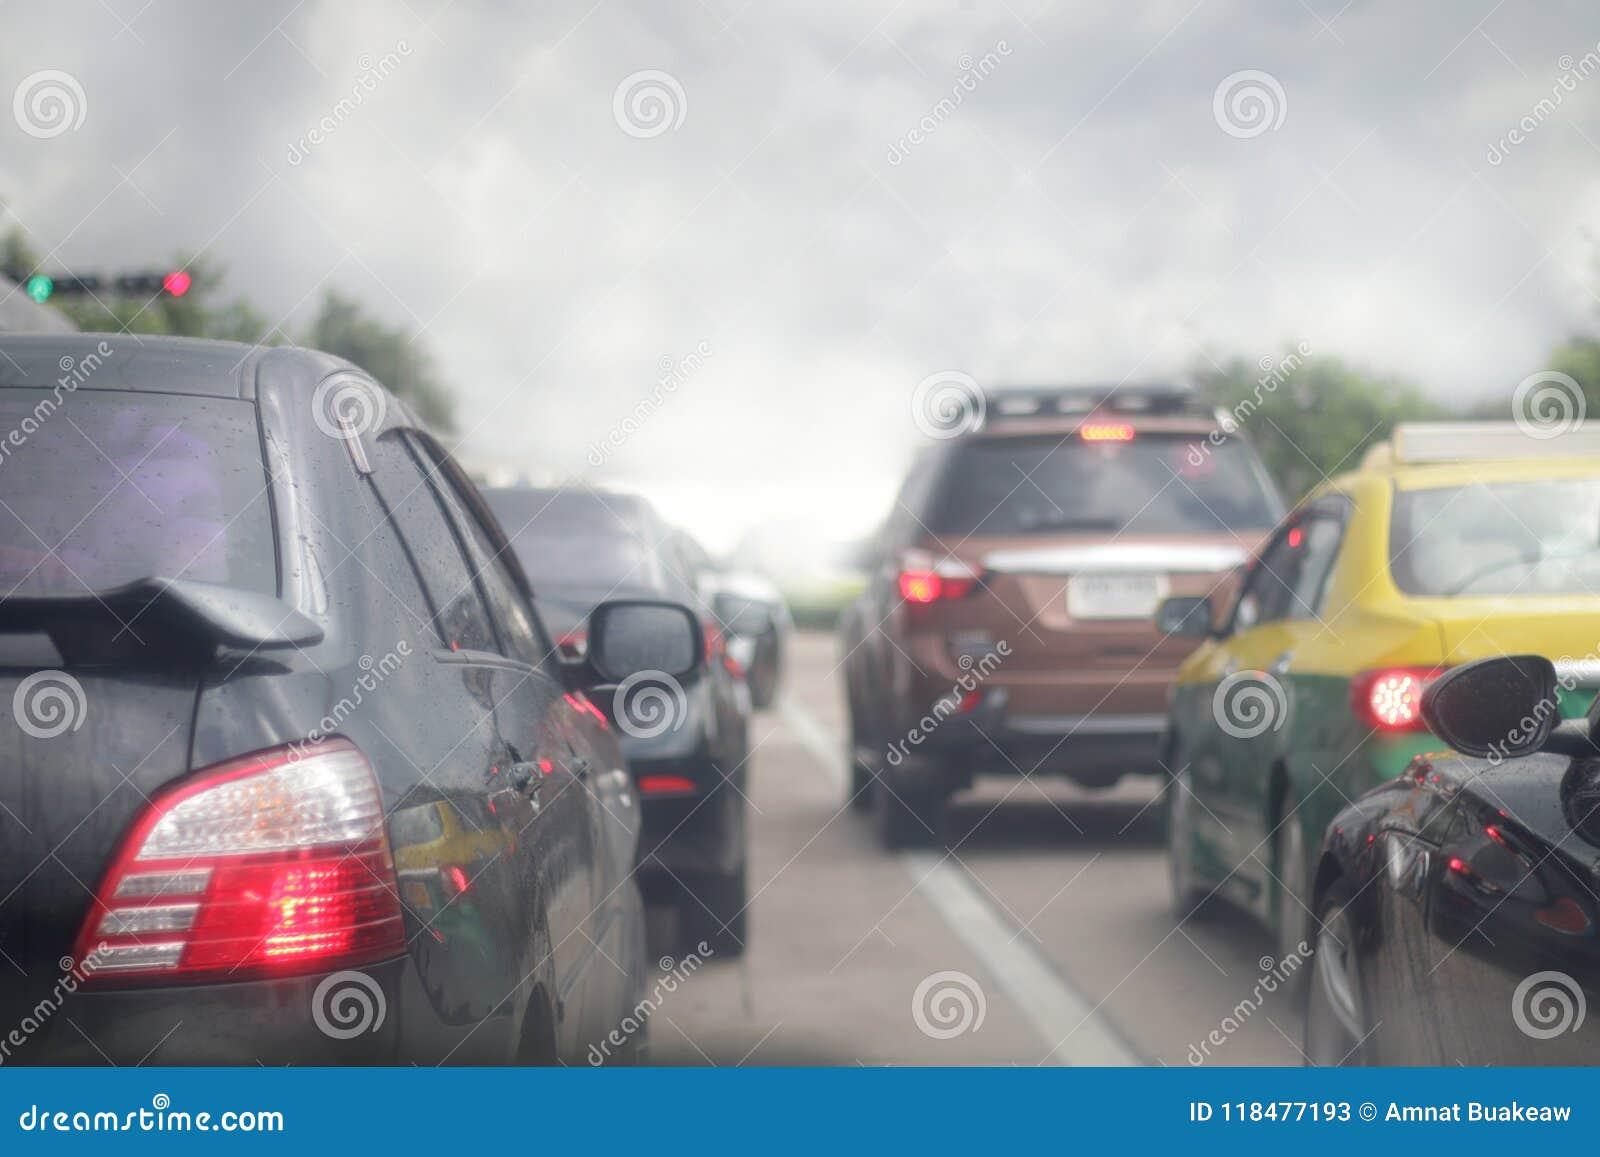 Opstopping van auto s, smogverontreiniging op de weg, onduidelijk beeldbeeld